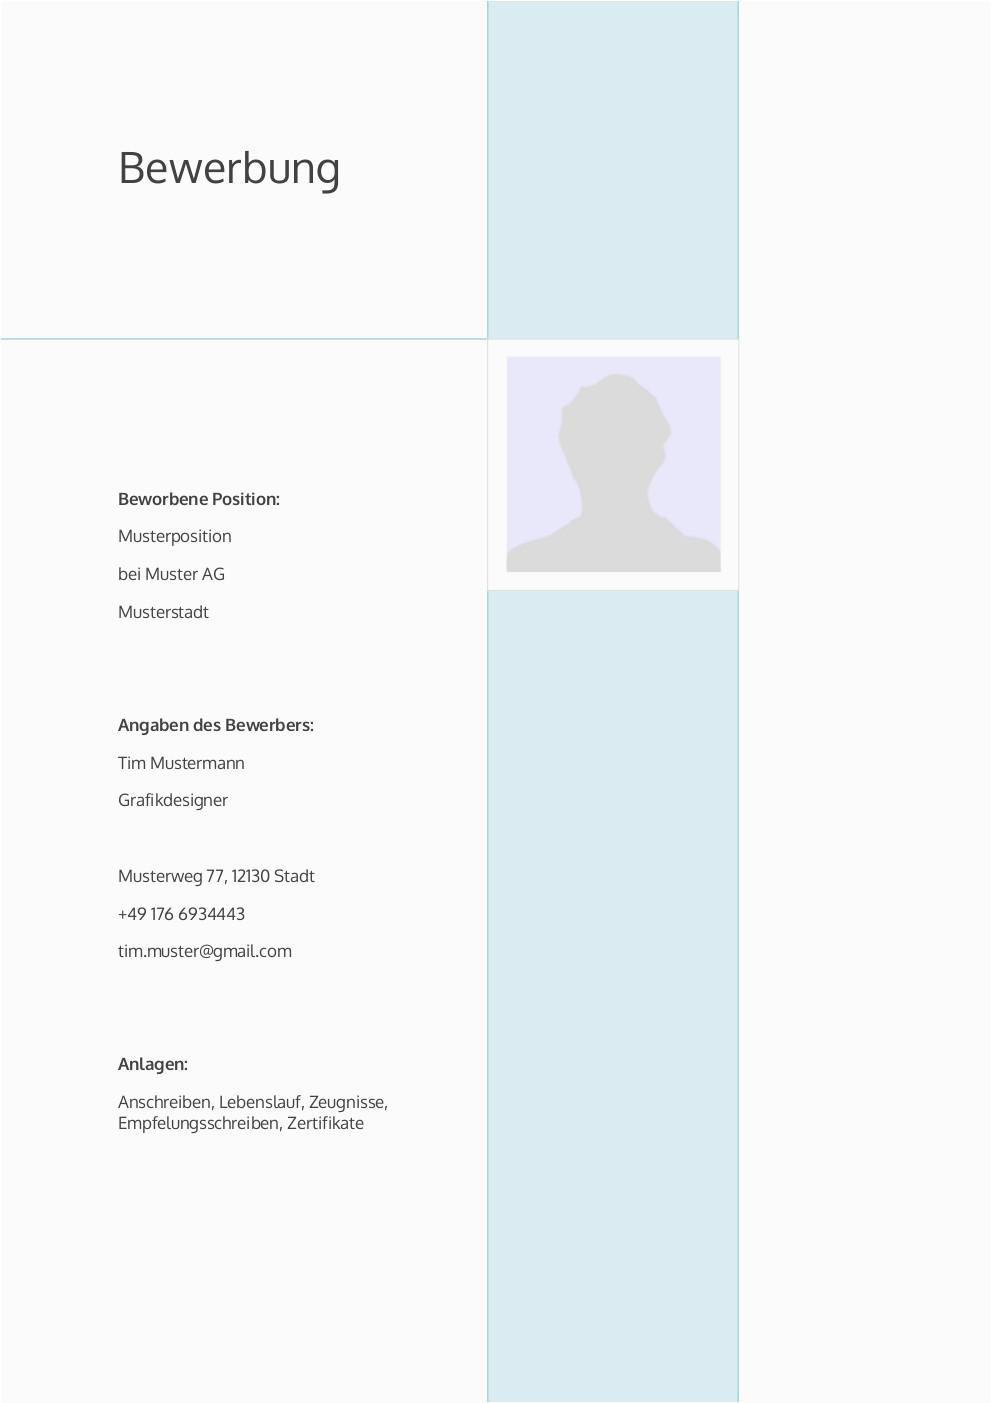 Lebenslauf Vorlagen Deckblatt Bewerbung Deckblatt Muster Vorlage 4